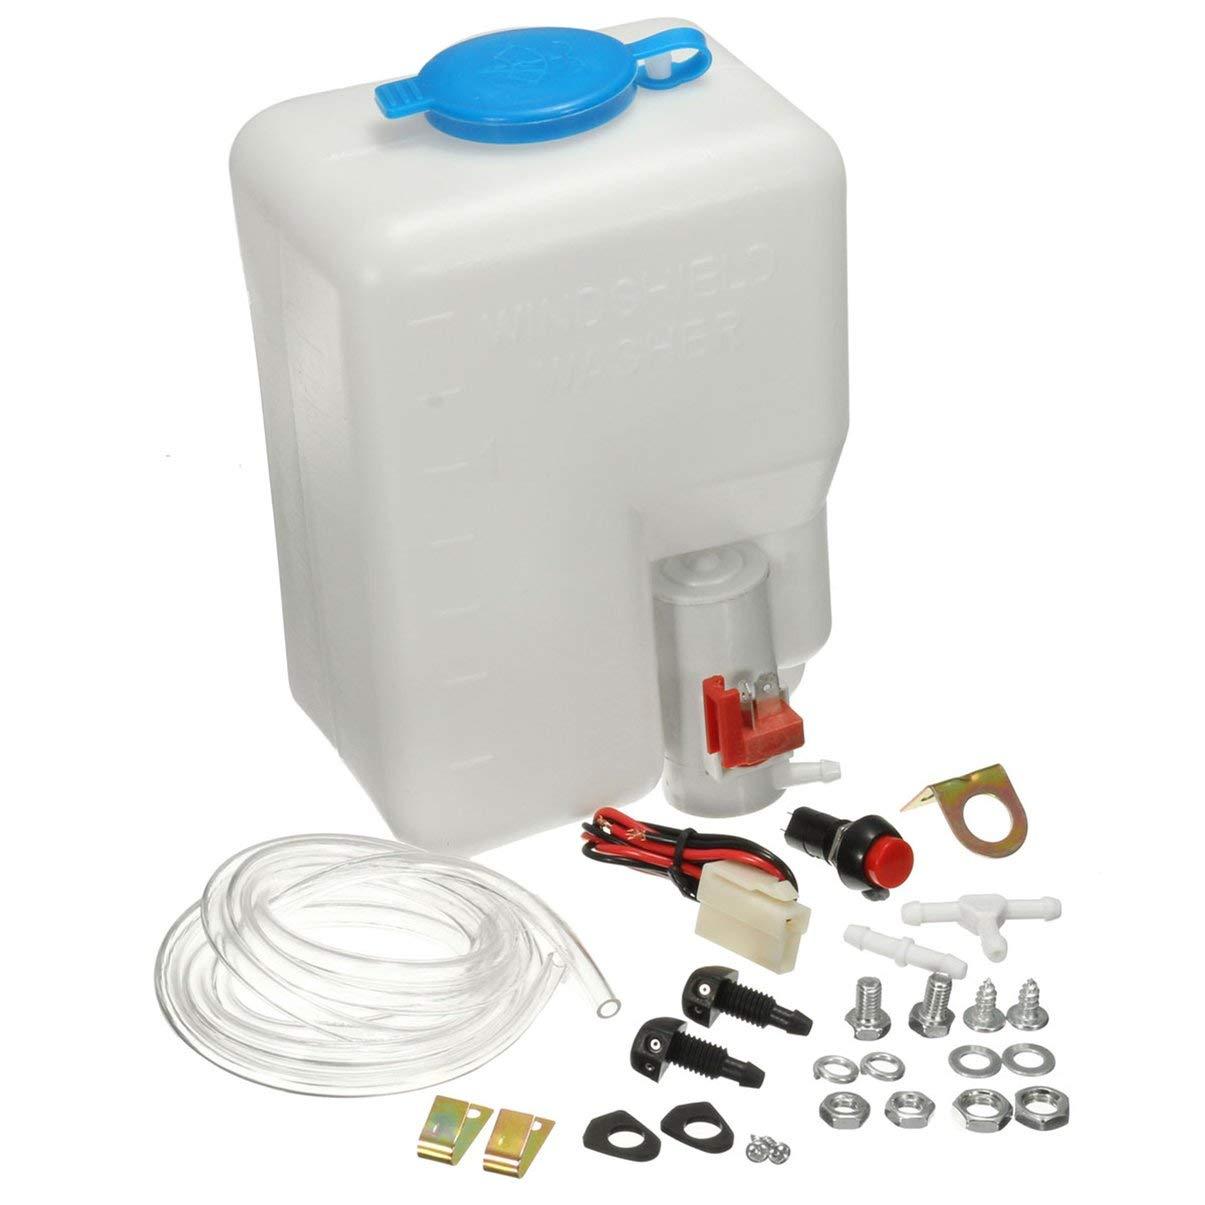 JullyeleITgant Duraturo kit lavavetri rondella con pompa universale 12 volt car lavacristallo serbatoio strumento pulito portatile per vw